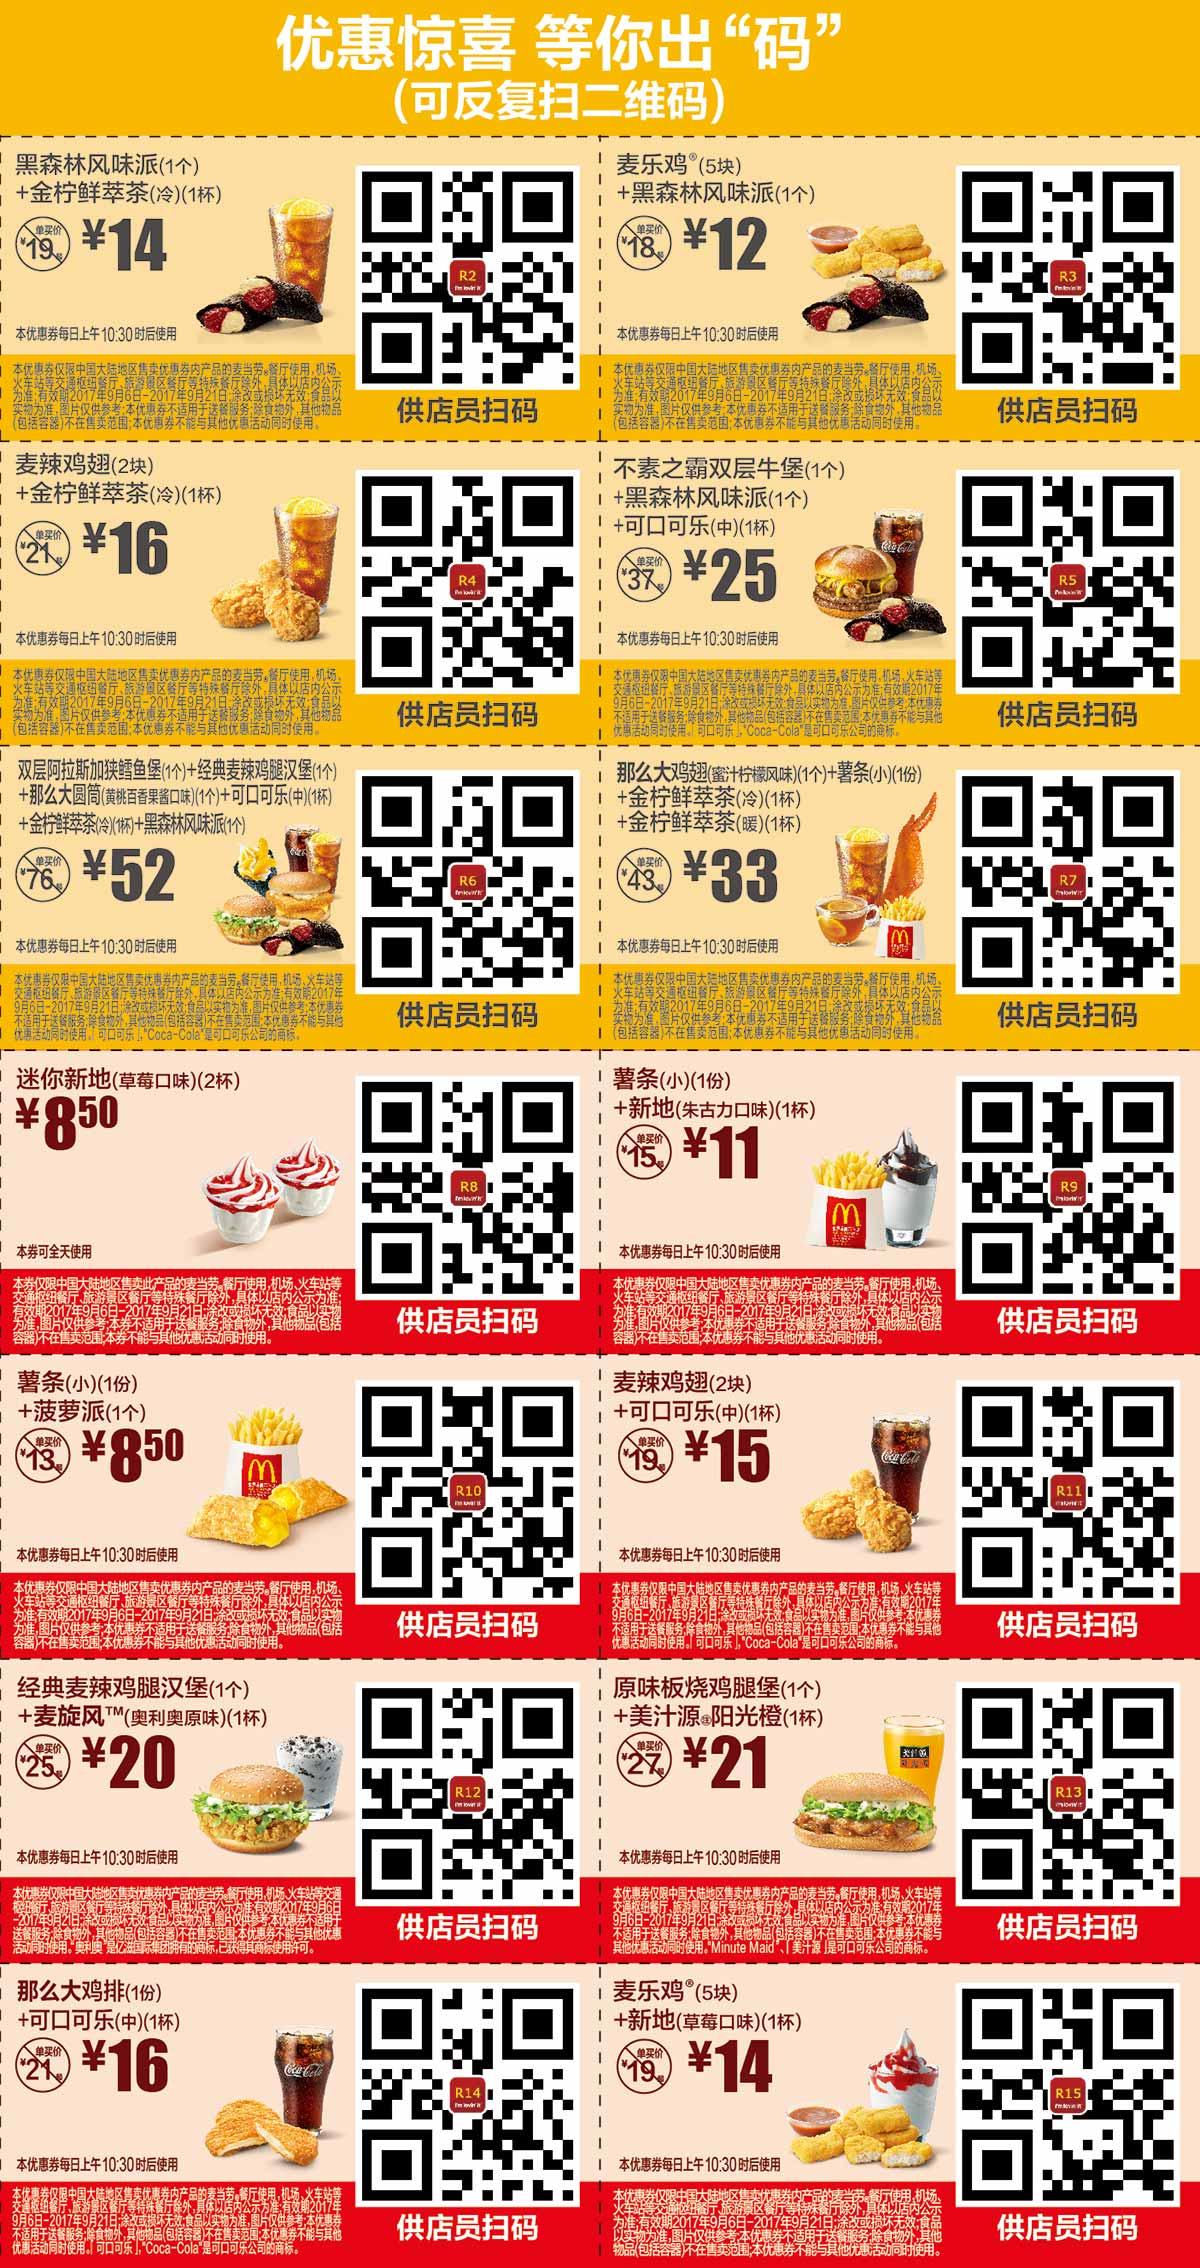 优惠券图片:麦当劳优惠券2017年9月份手机版整张版本,出示店员扫码享优惠 有效期2017年09月6日-2017年09月21日